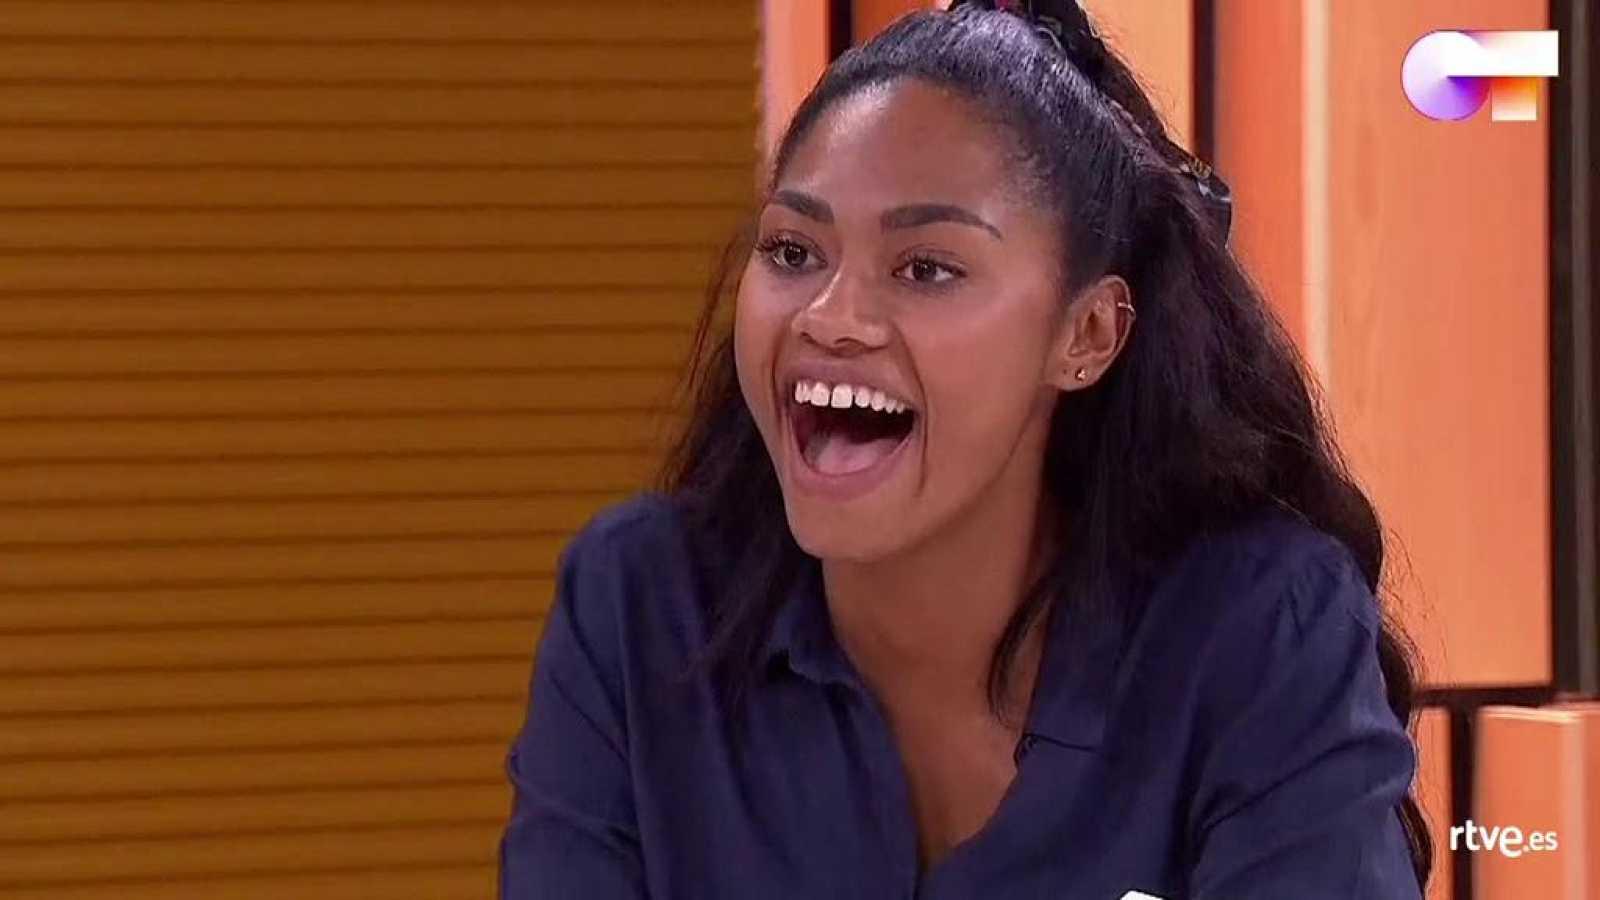 Nia recibe la noticia de que cantará con Estrella Morente en la Gala 6